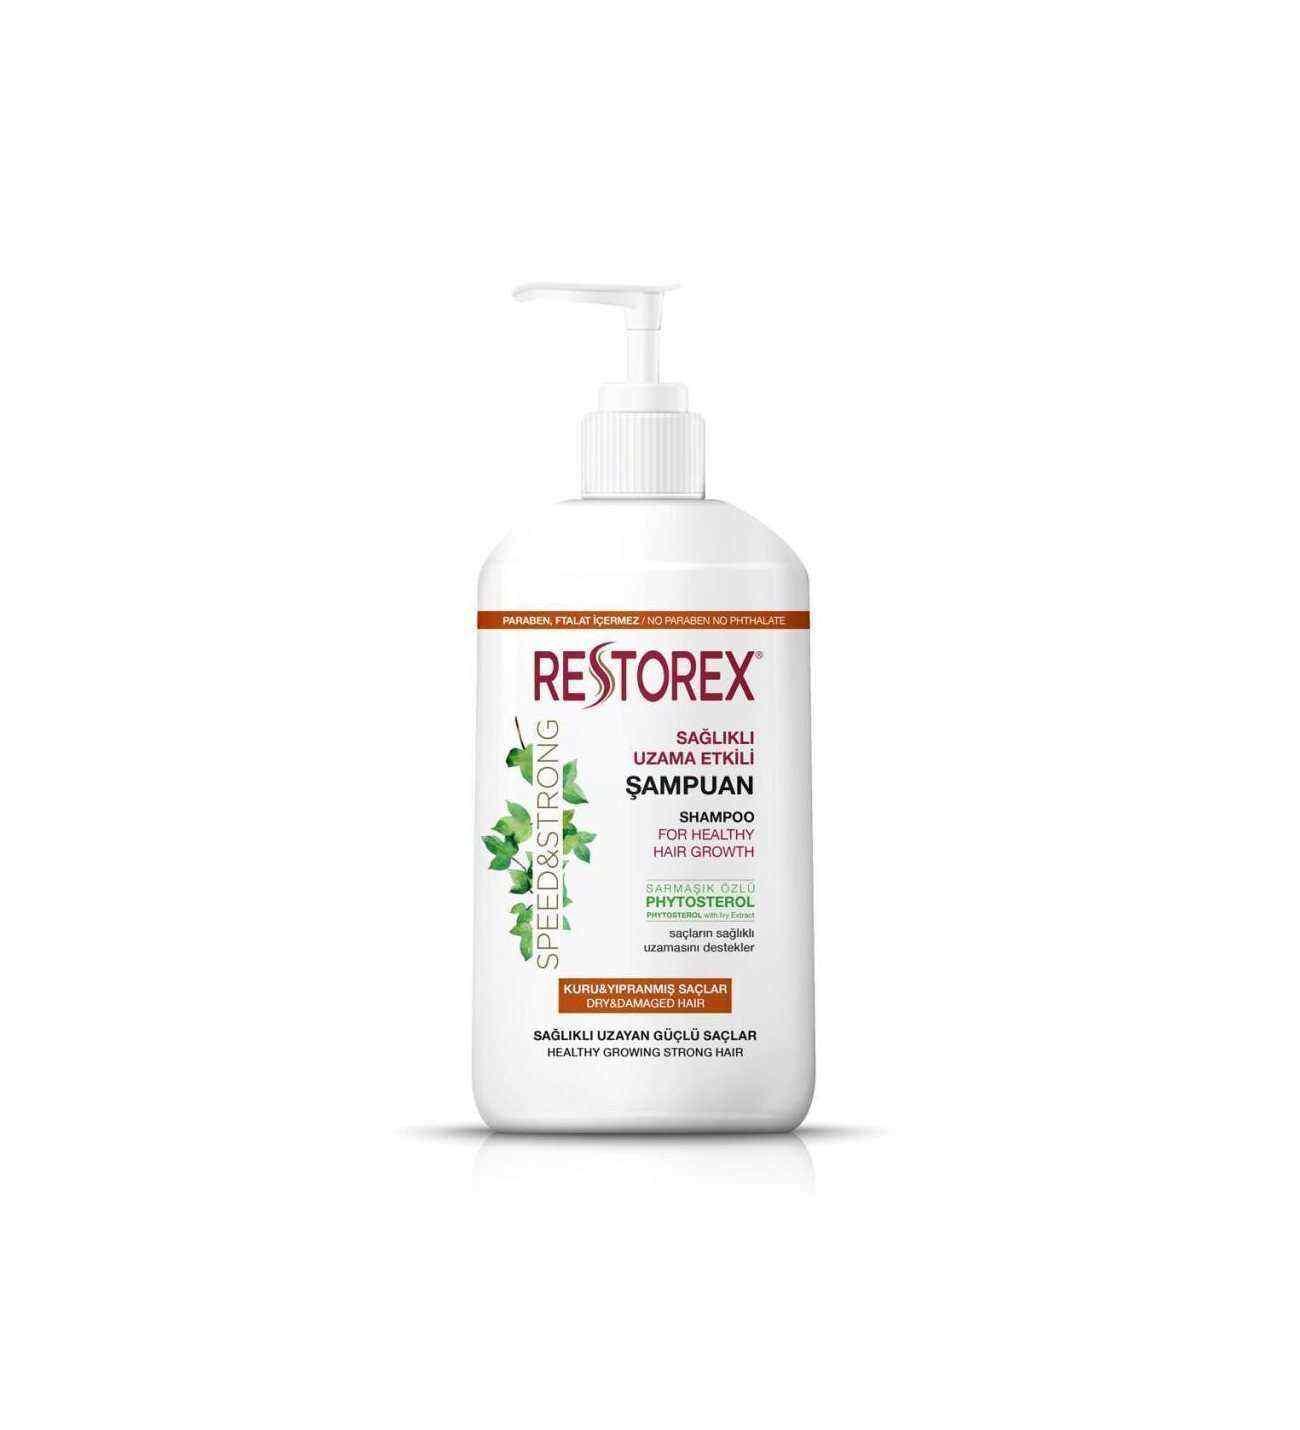 Restorex Kuru ve Yıpranmış Saçlar İçin Onarıcı Şampuan 1000 ml